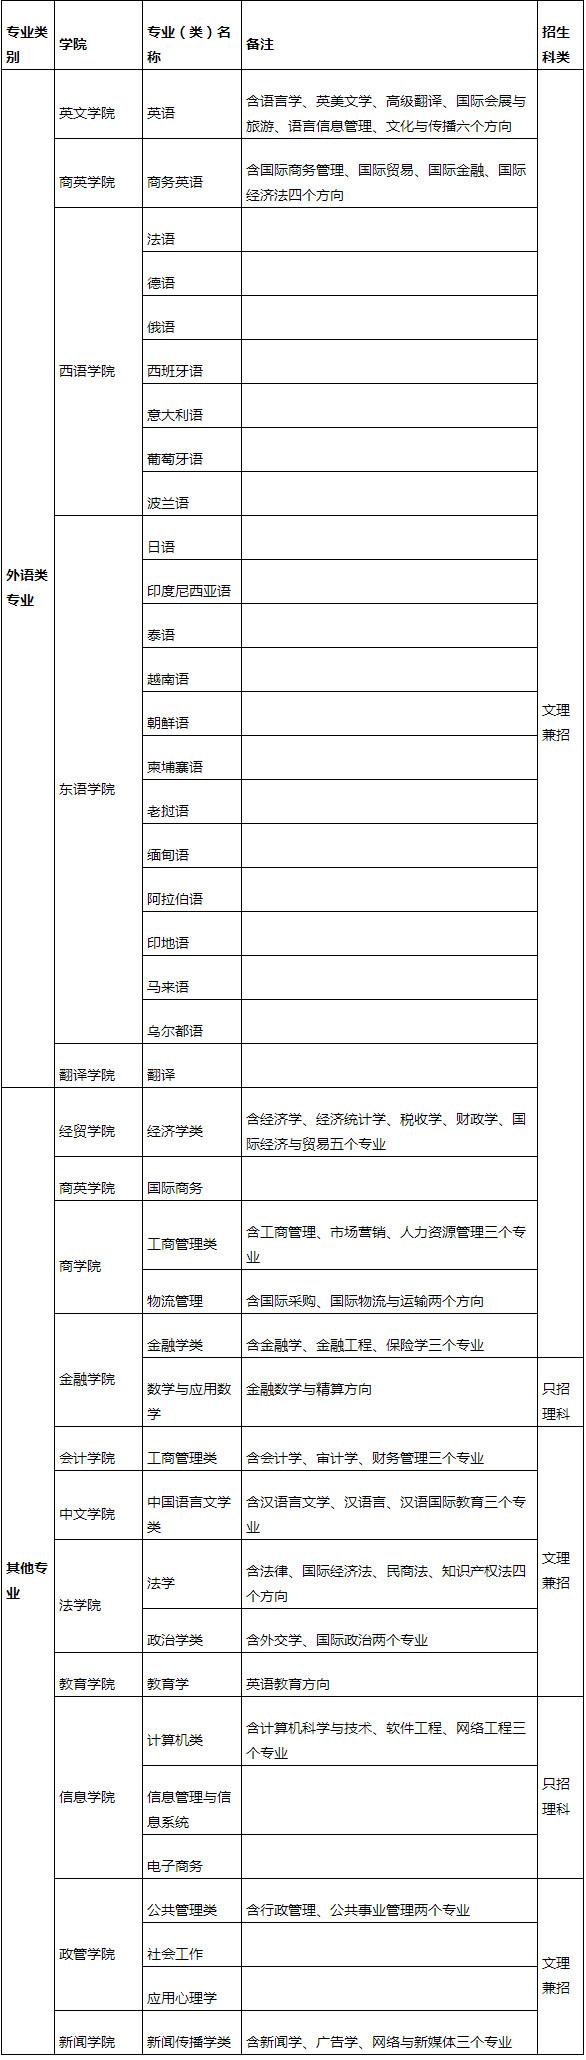 注:   1.根据教育部有关规定,16所外国语中学推荐的保送生只能报考上表中的外语类专业。这16所外国语中学指:天津外国语学校、石家庄外国语学校、太原外国语学校、长春外国语学校、上海外国语大学附中(含浦东、浦西校区)、南京外国语学校、杭州外国语学校、厦门外国语学校、南昌外国语学校、济南外国语学校、郑州外国语学校、武汉外国语学校、广州市广外附设外语学校、深圳外国语学校、重庆外国语学校、成都外国语学校,以下简称16所外国语中学。   2.